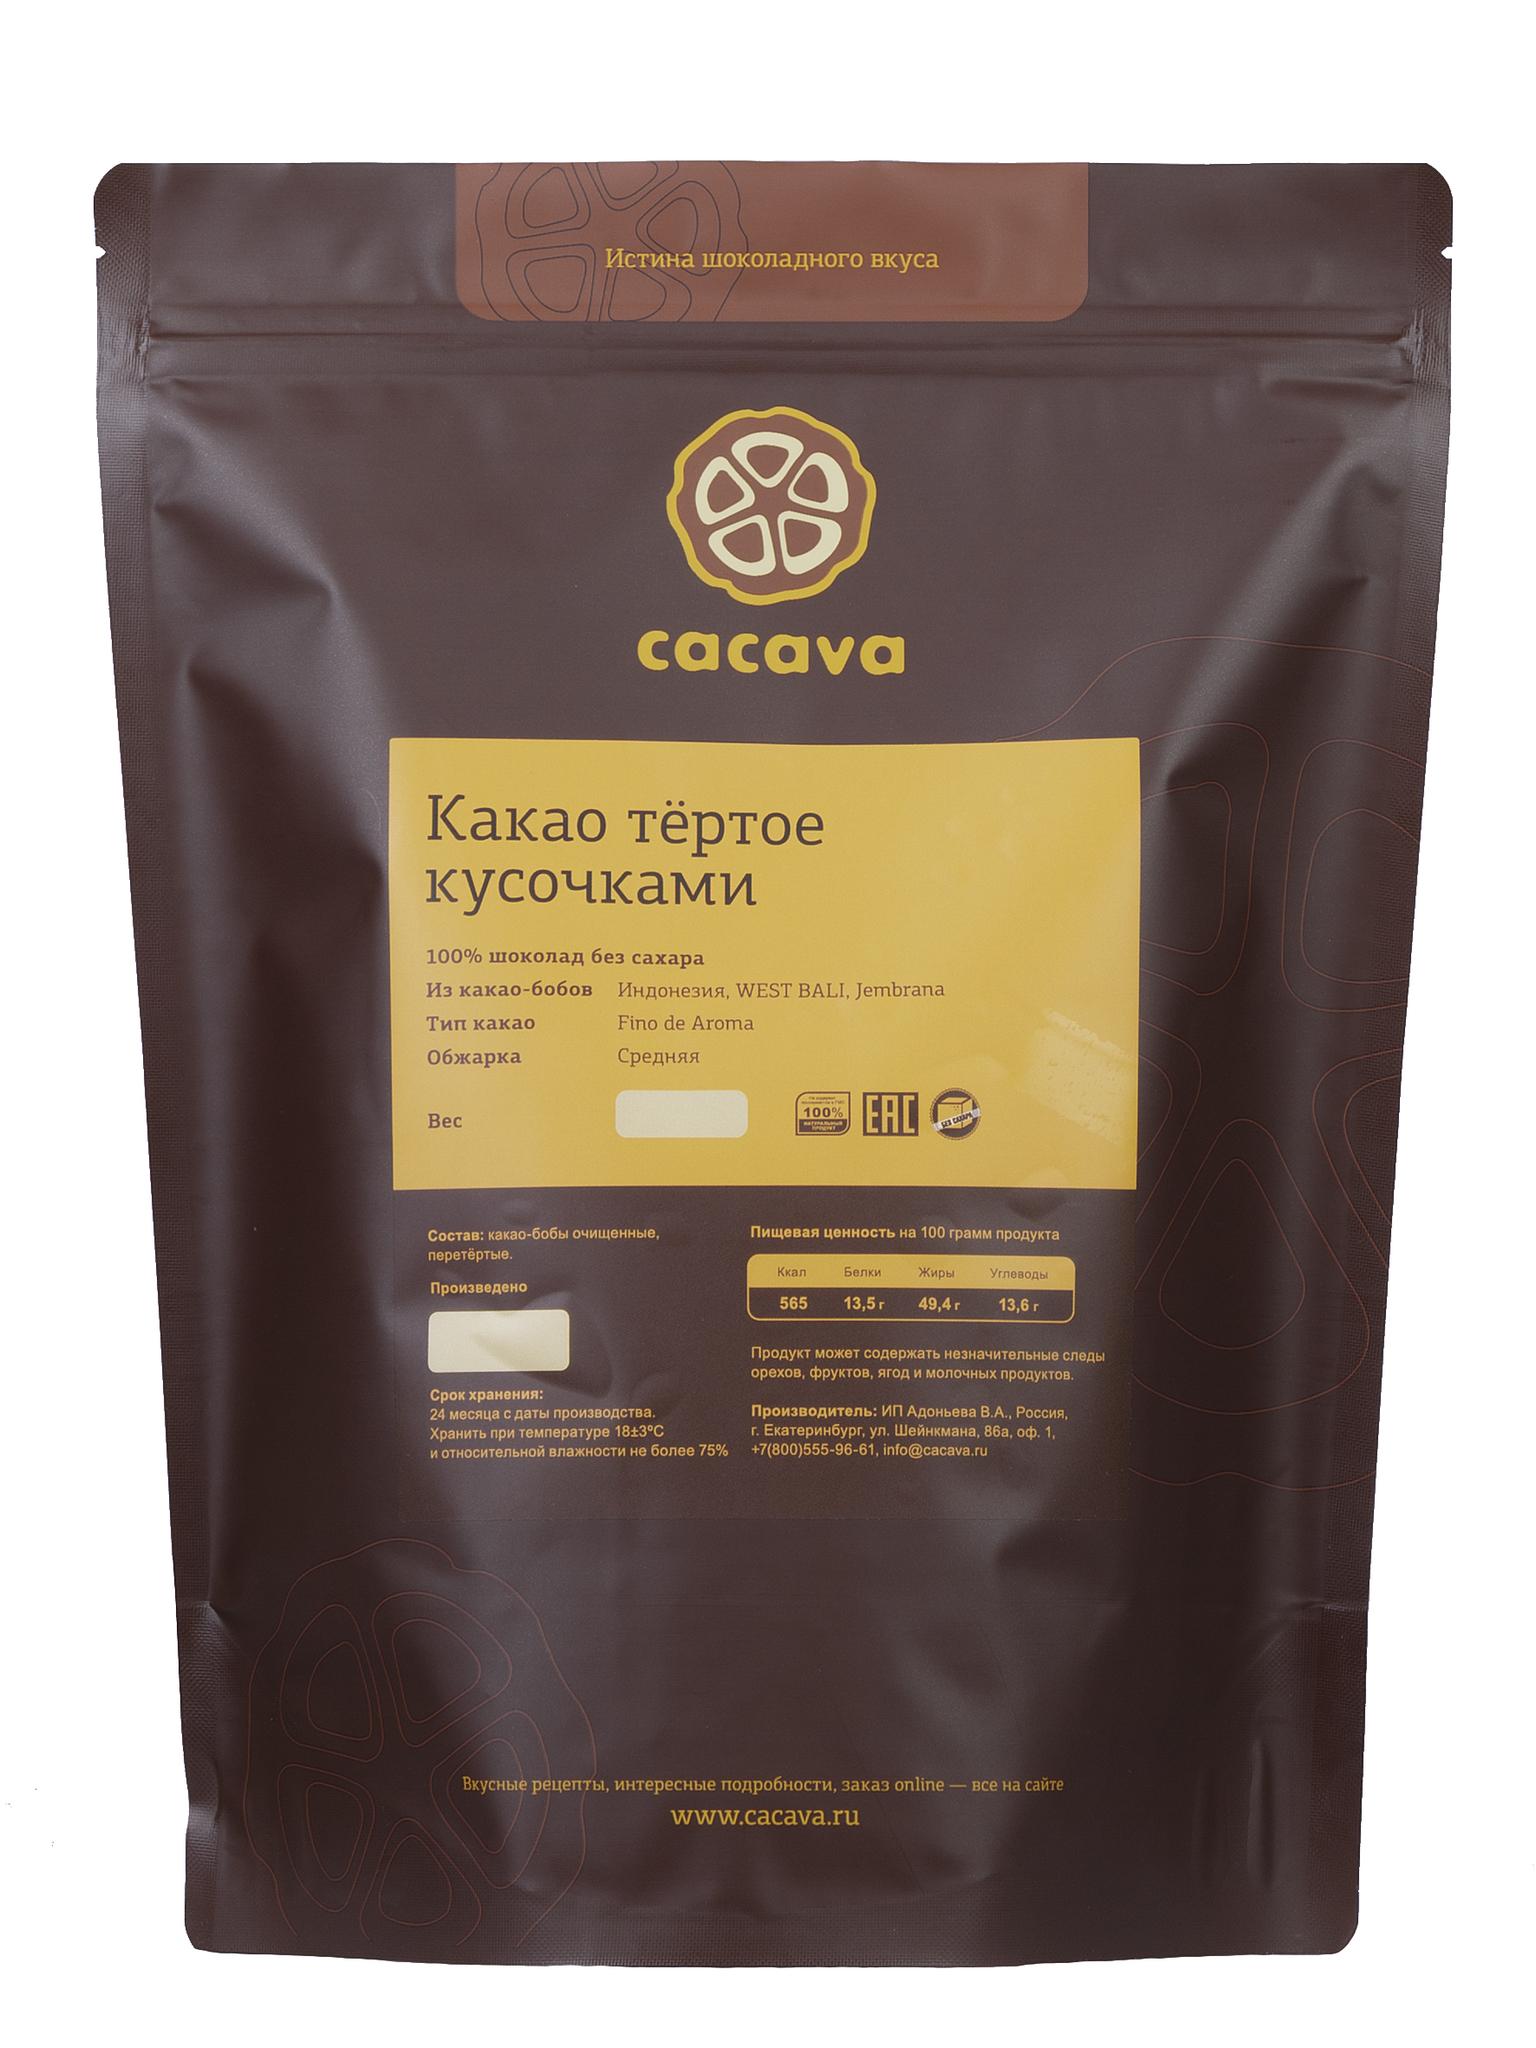 Какао тёртое кусочками (Индонезия, WEST BALI, Jembrana), упаковка 1 кг